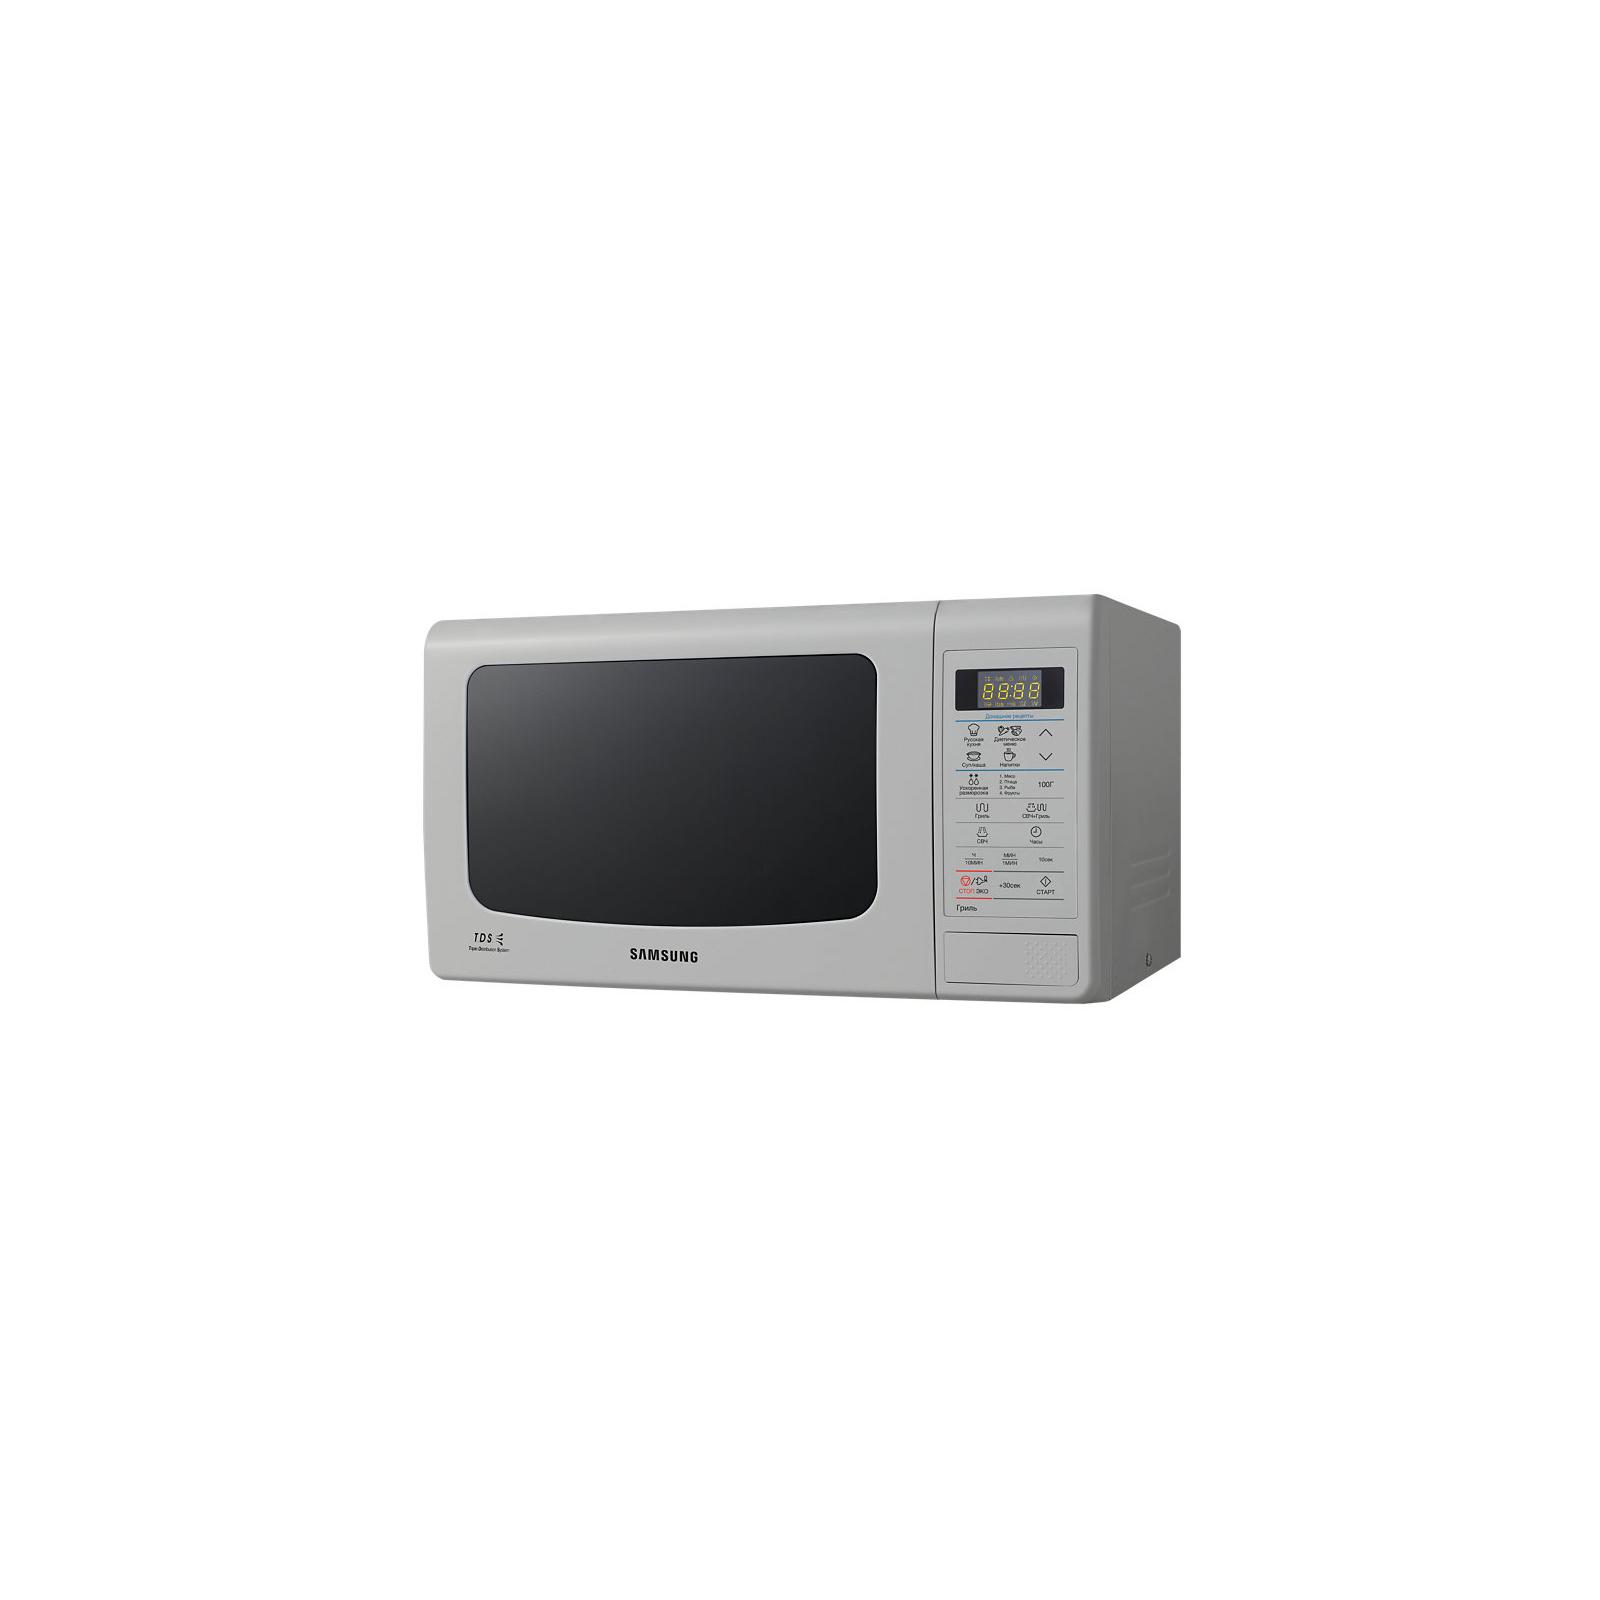 Микроволновая печь Samsung GE 83 KRS-3/BW (GE83KRS-3/BW) изображение 2